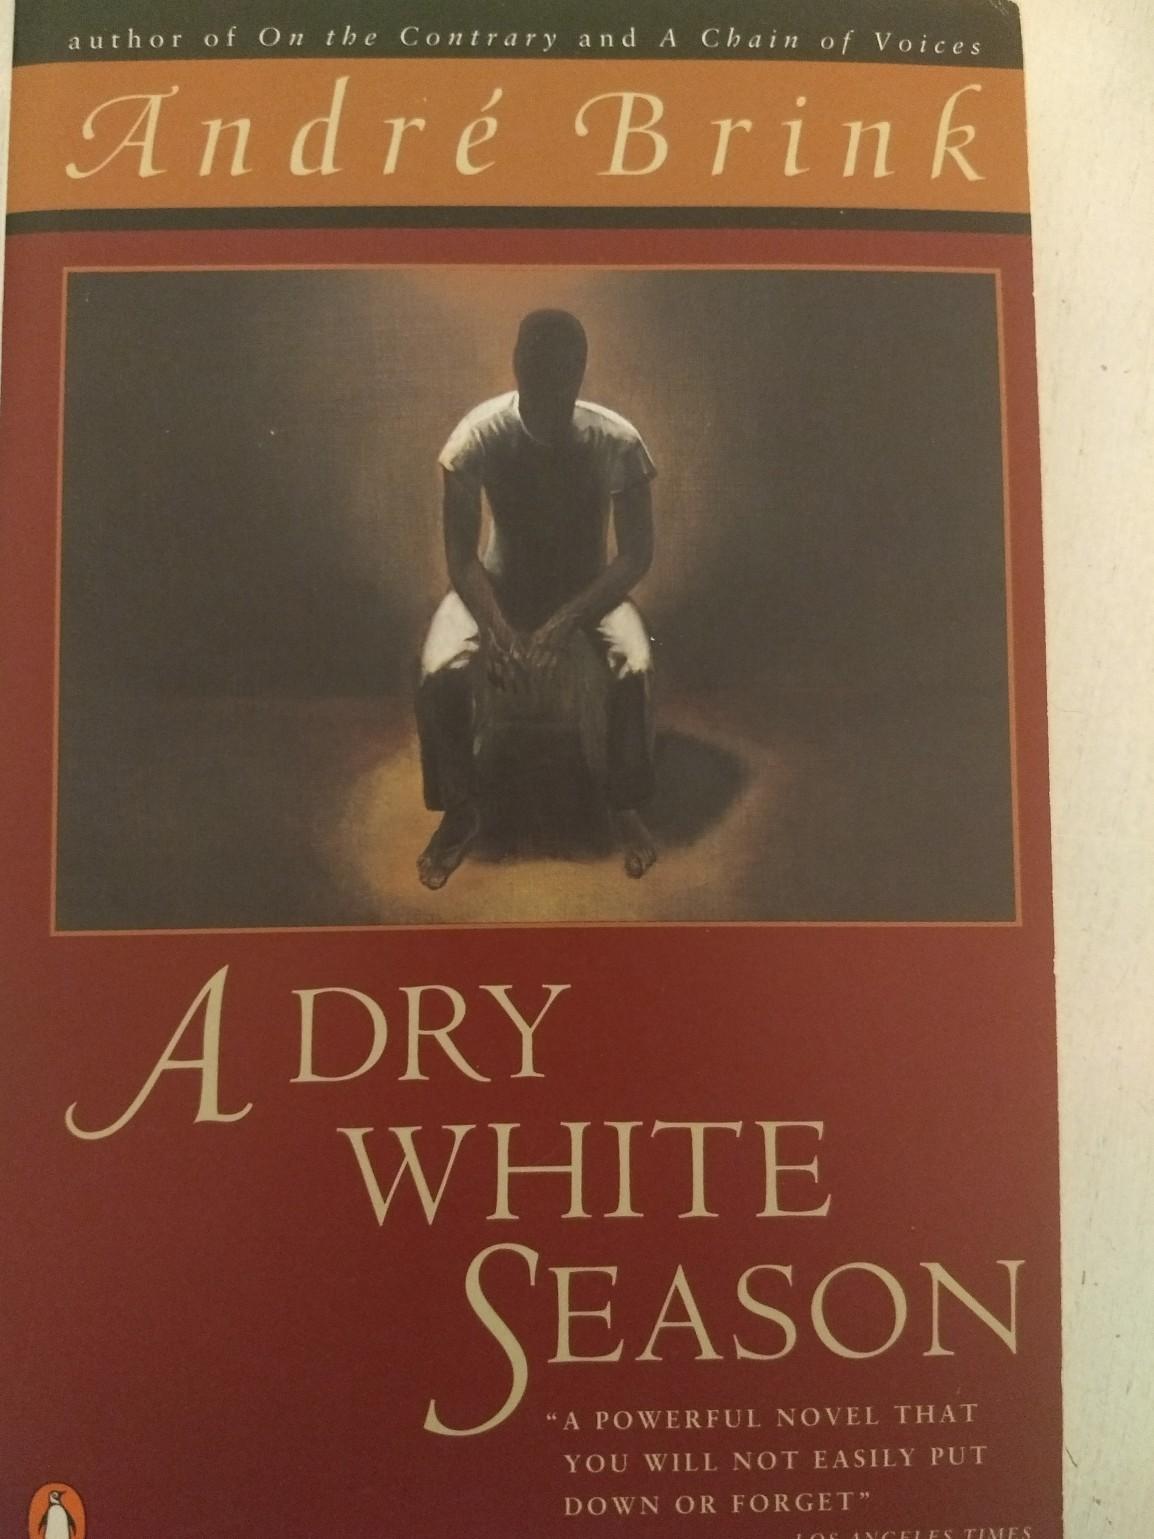 Review A DRY WHITESEASON